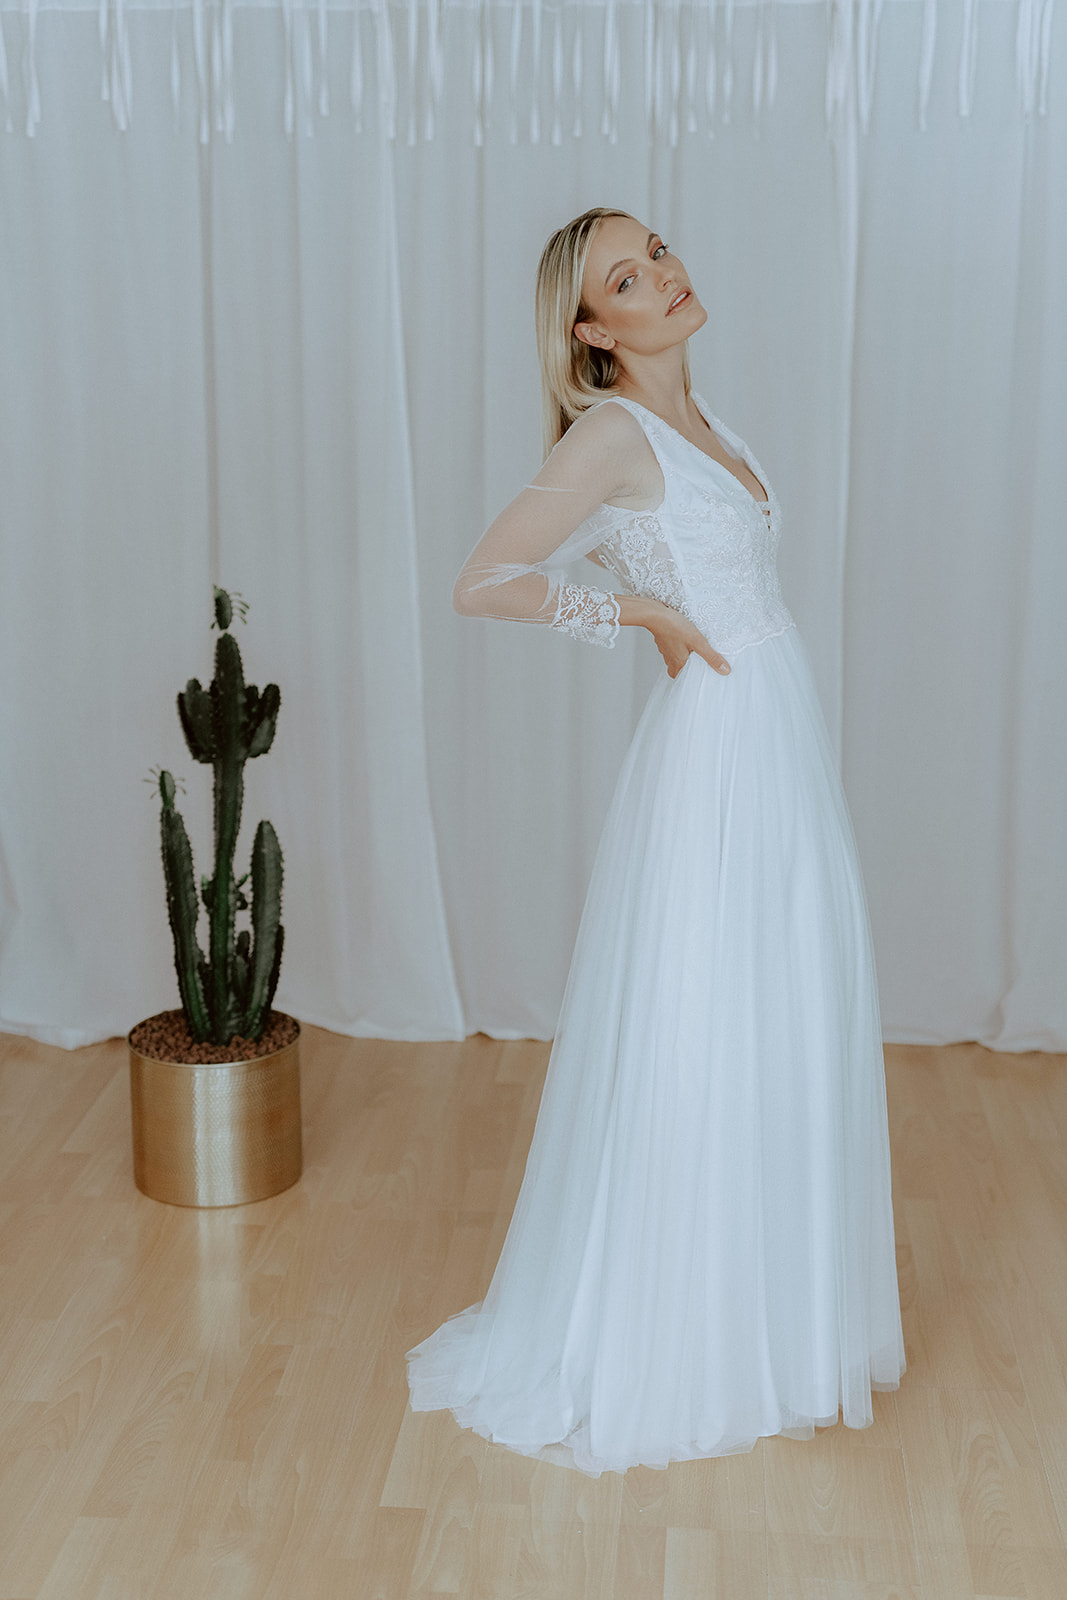 nachhaltiges Brautkleid, nachhaltig heiraten, nachhaltige Brautmode, Green Wedding